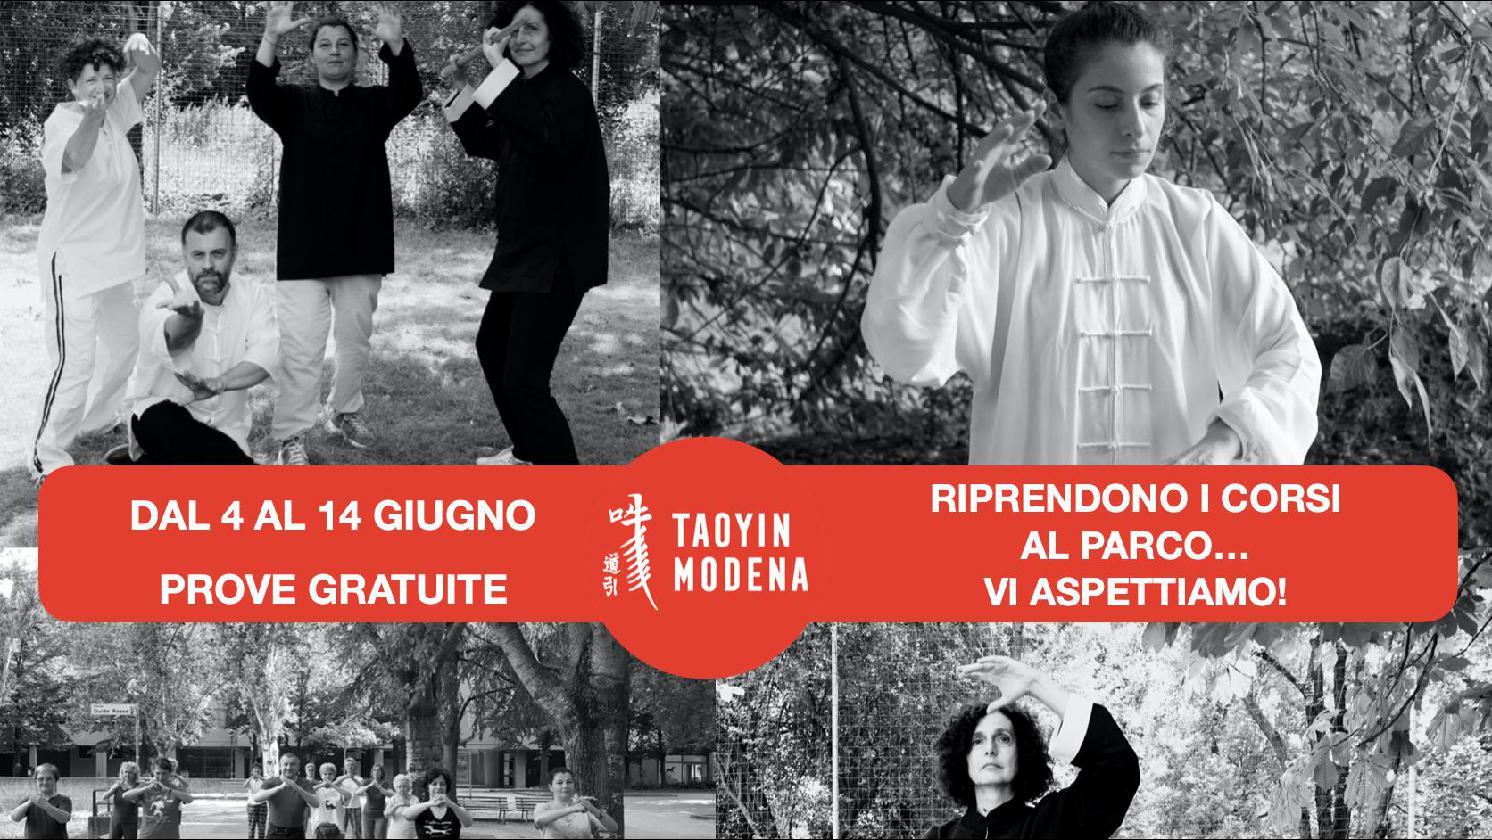 Corsi al parco: qi gong, tai chi, arti marziali cinesi, pilates - PROVE GRATUITE